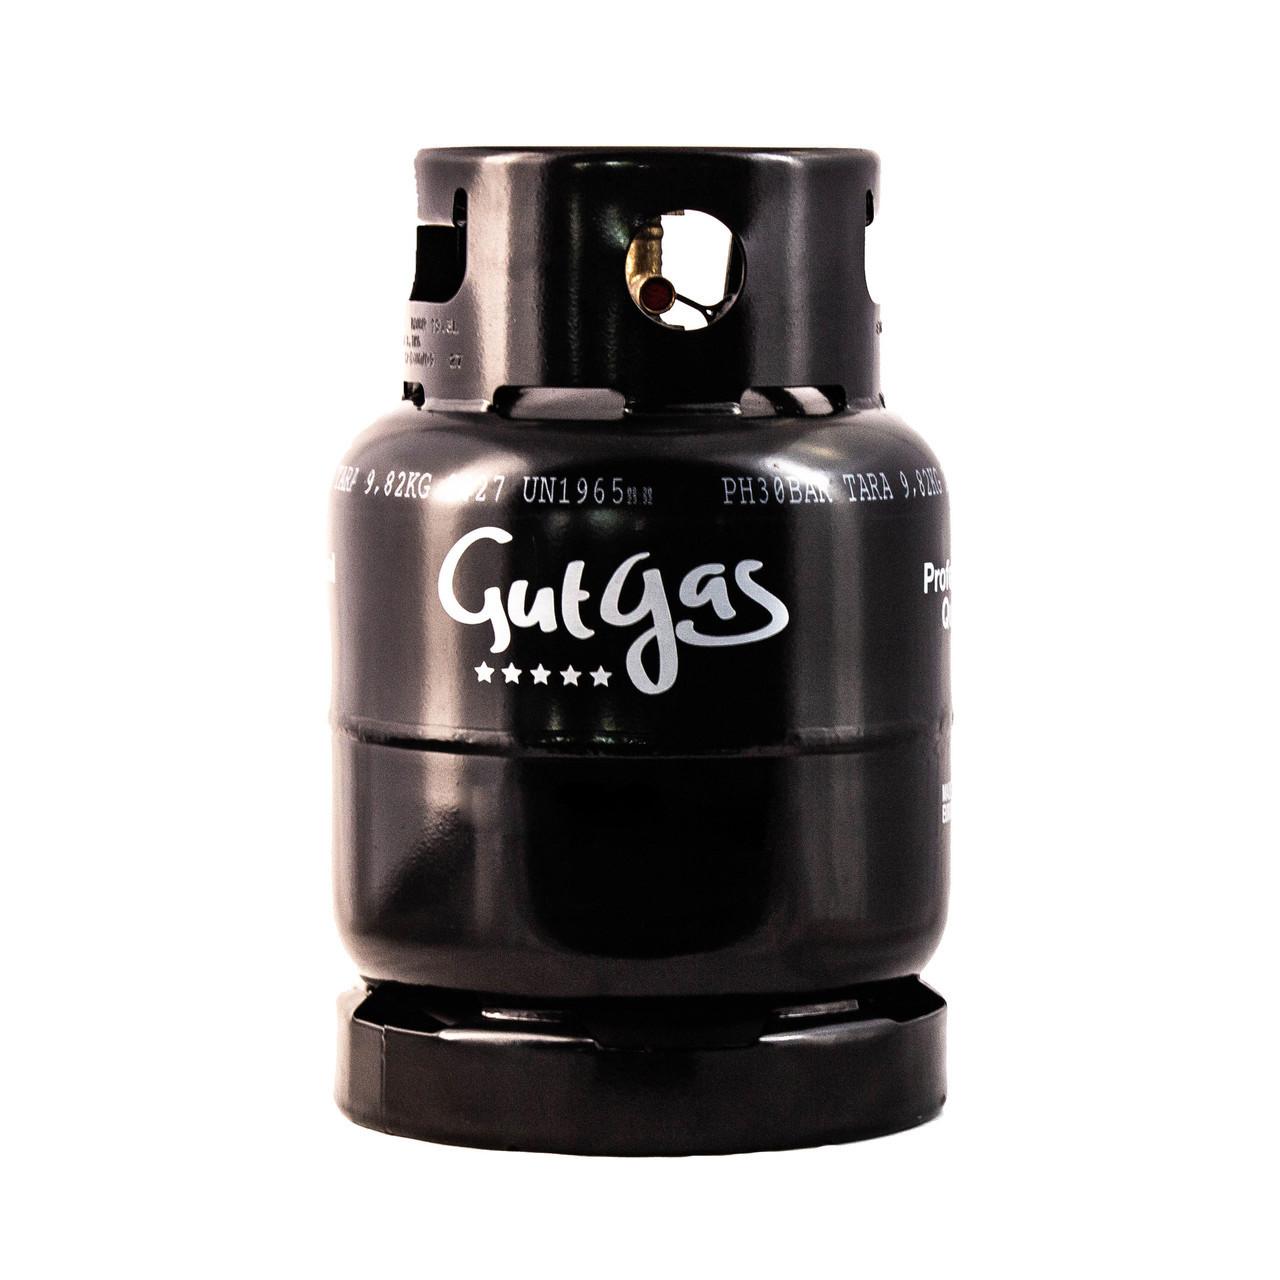 Газовий балон для барбекю GUTGAS 19,2 л